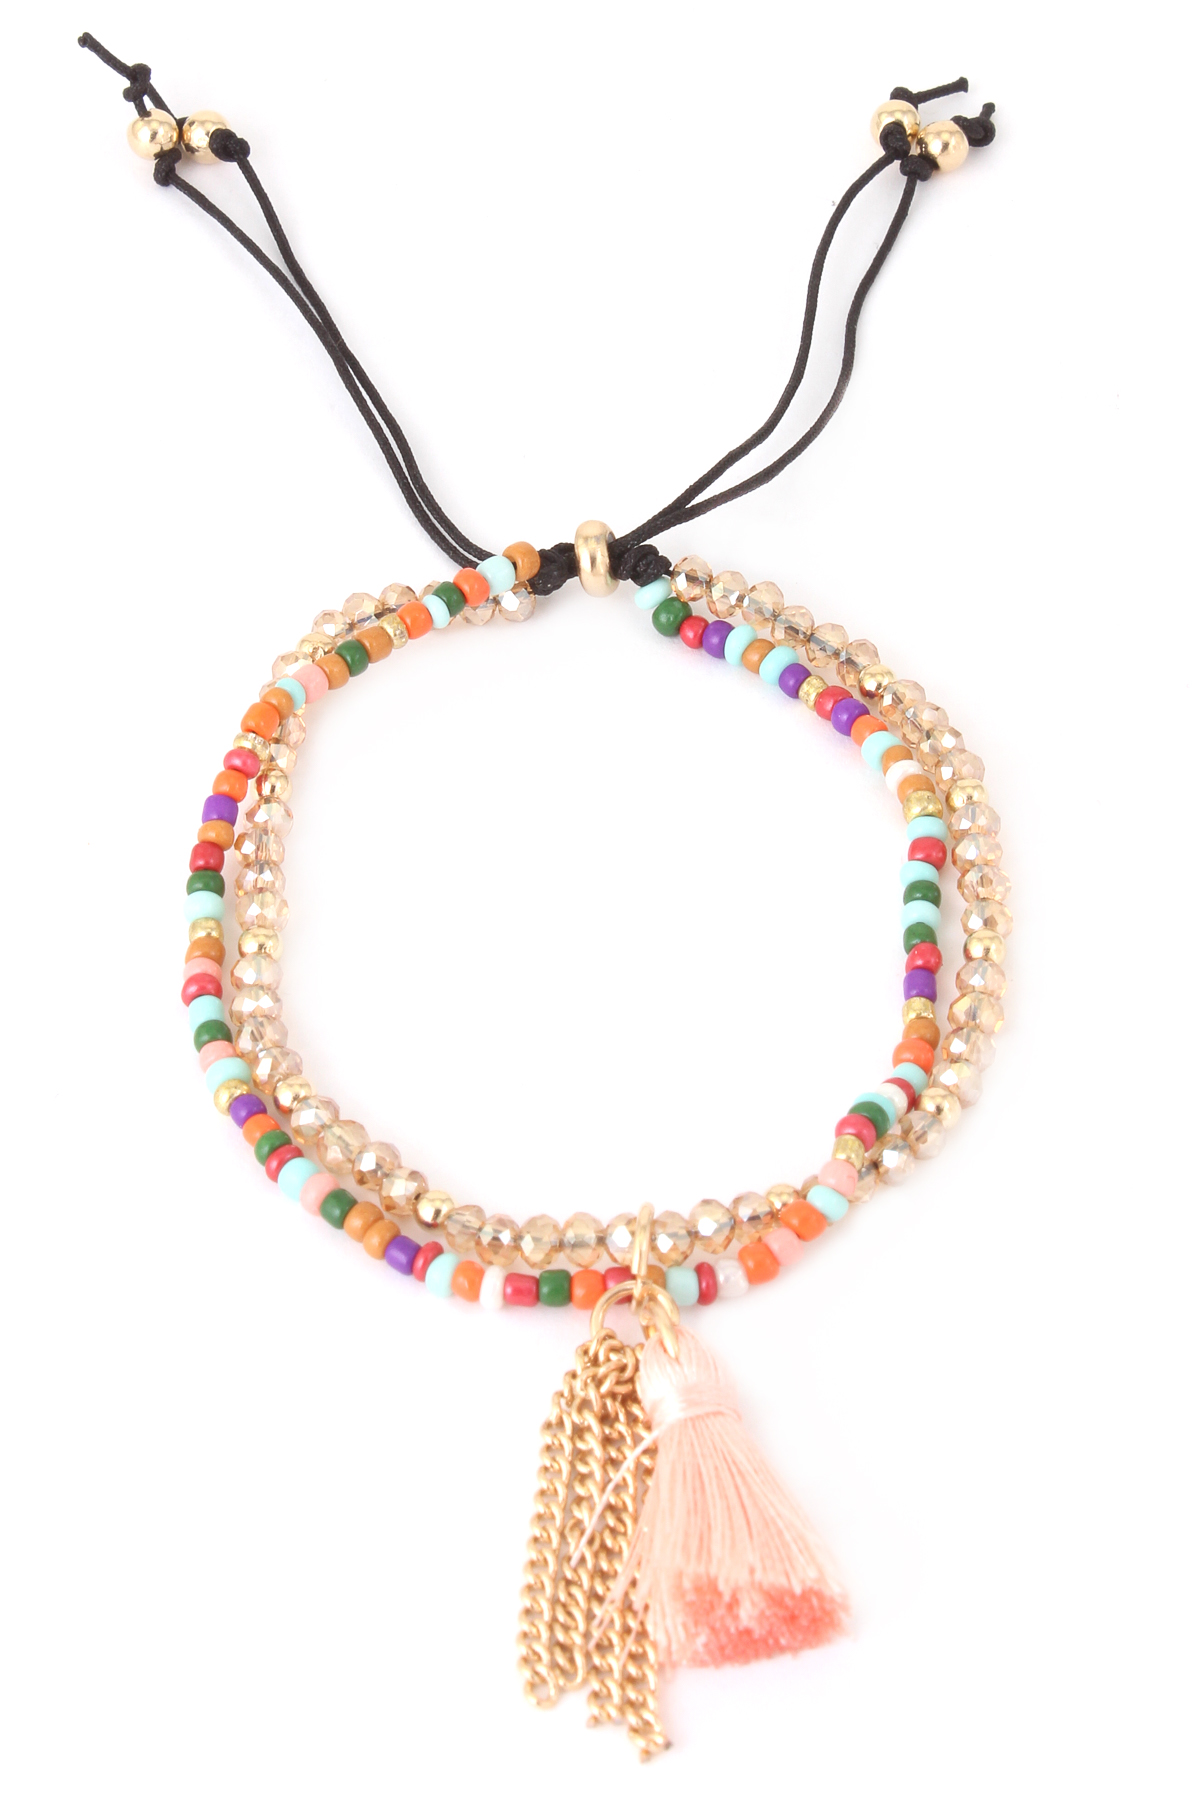 Acrylic Seed Bead Tassel Bracelet - Bracelets